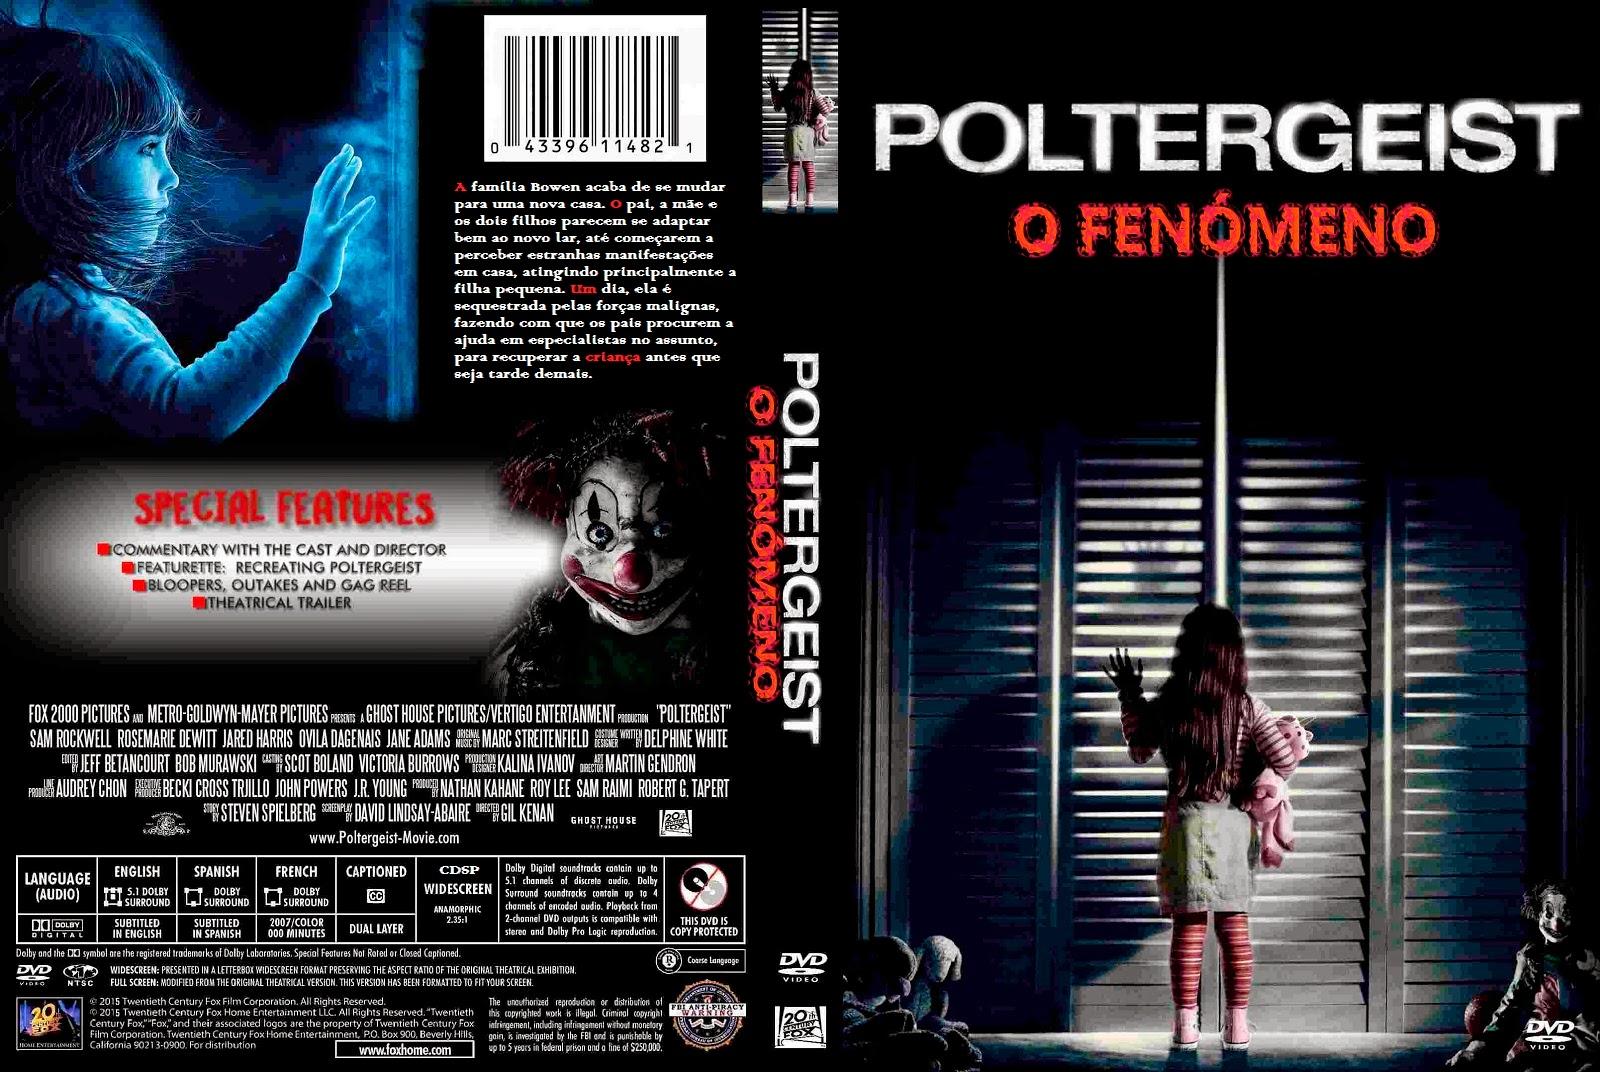 Download Poltergeist O Fenômeno BDRip XviD Dual Áudio POLTERGEIST